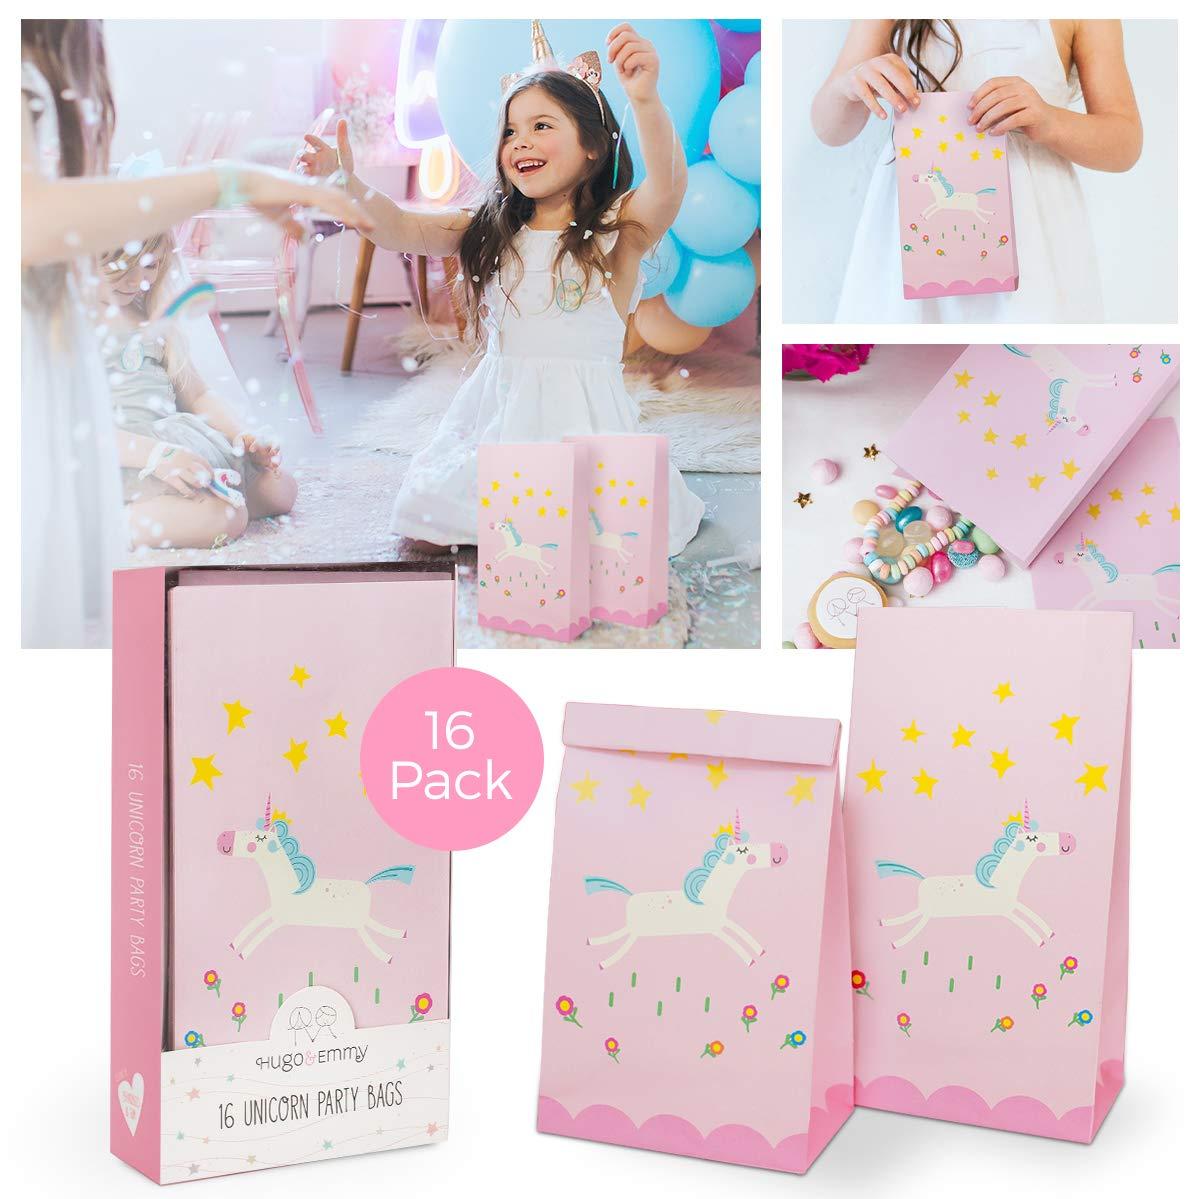 Amazon.com: Bolsas de fiesta de unicornio – Bolsas de ...